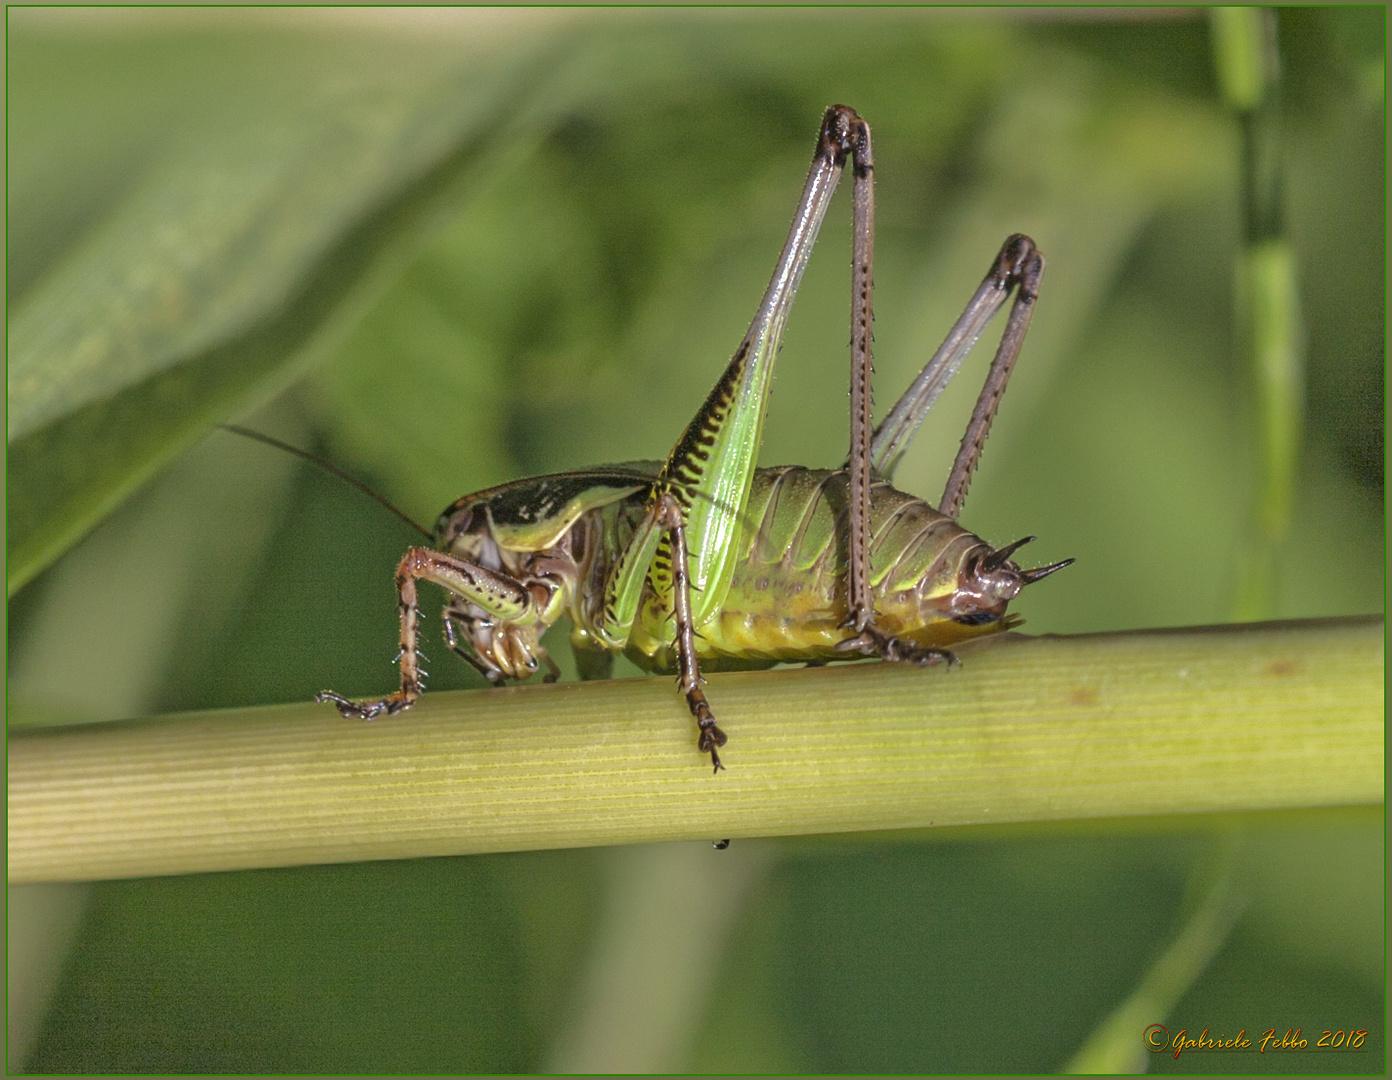 Eupholidoptera chabrieri (Charpentier, 1825)